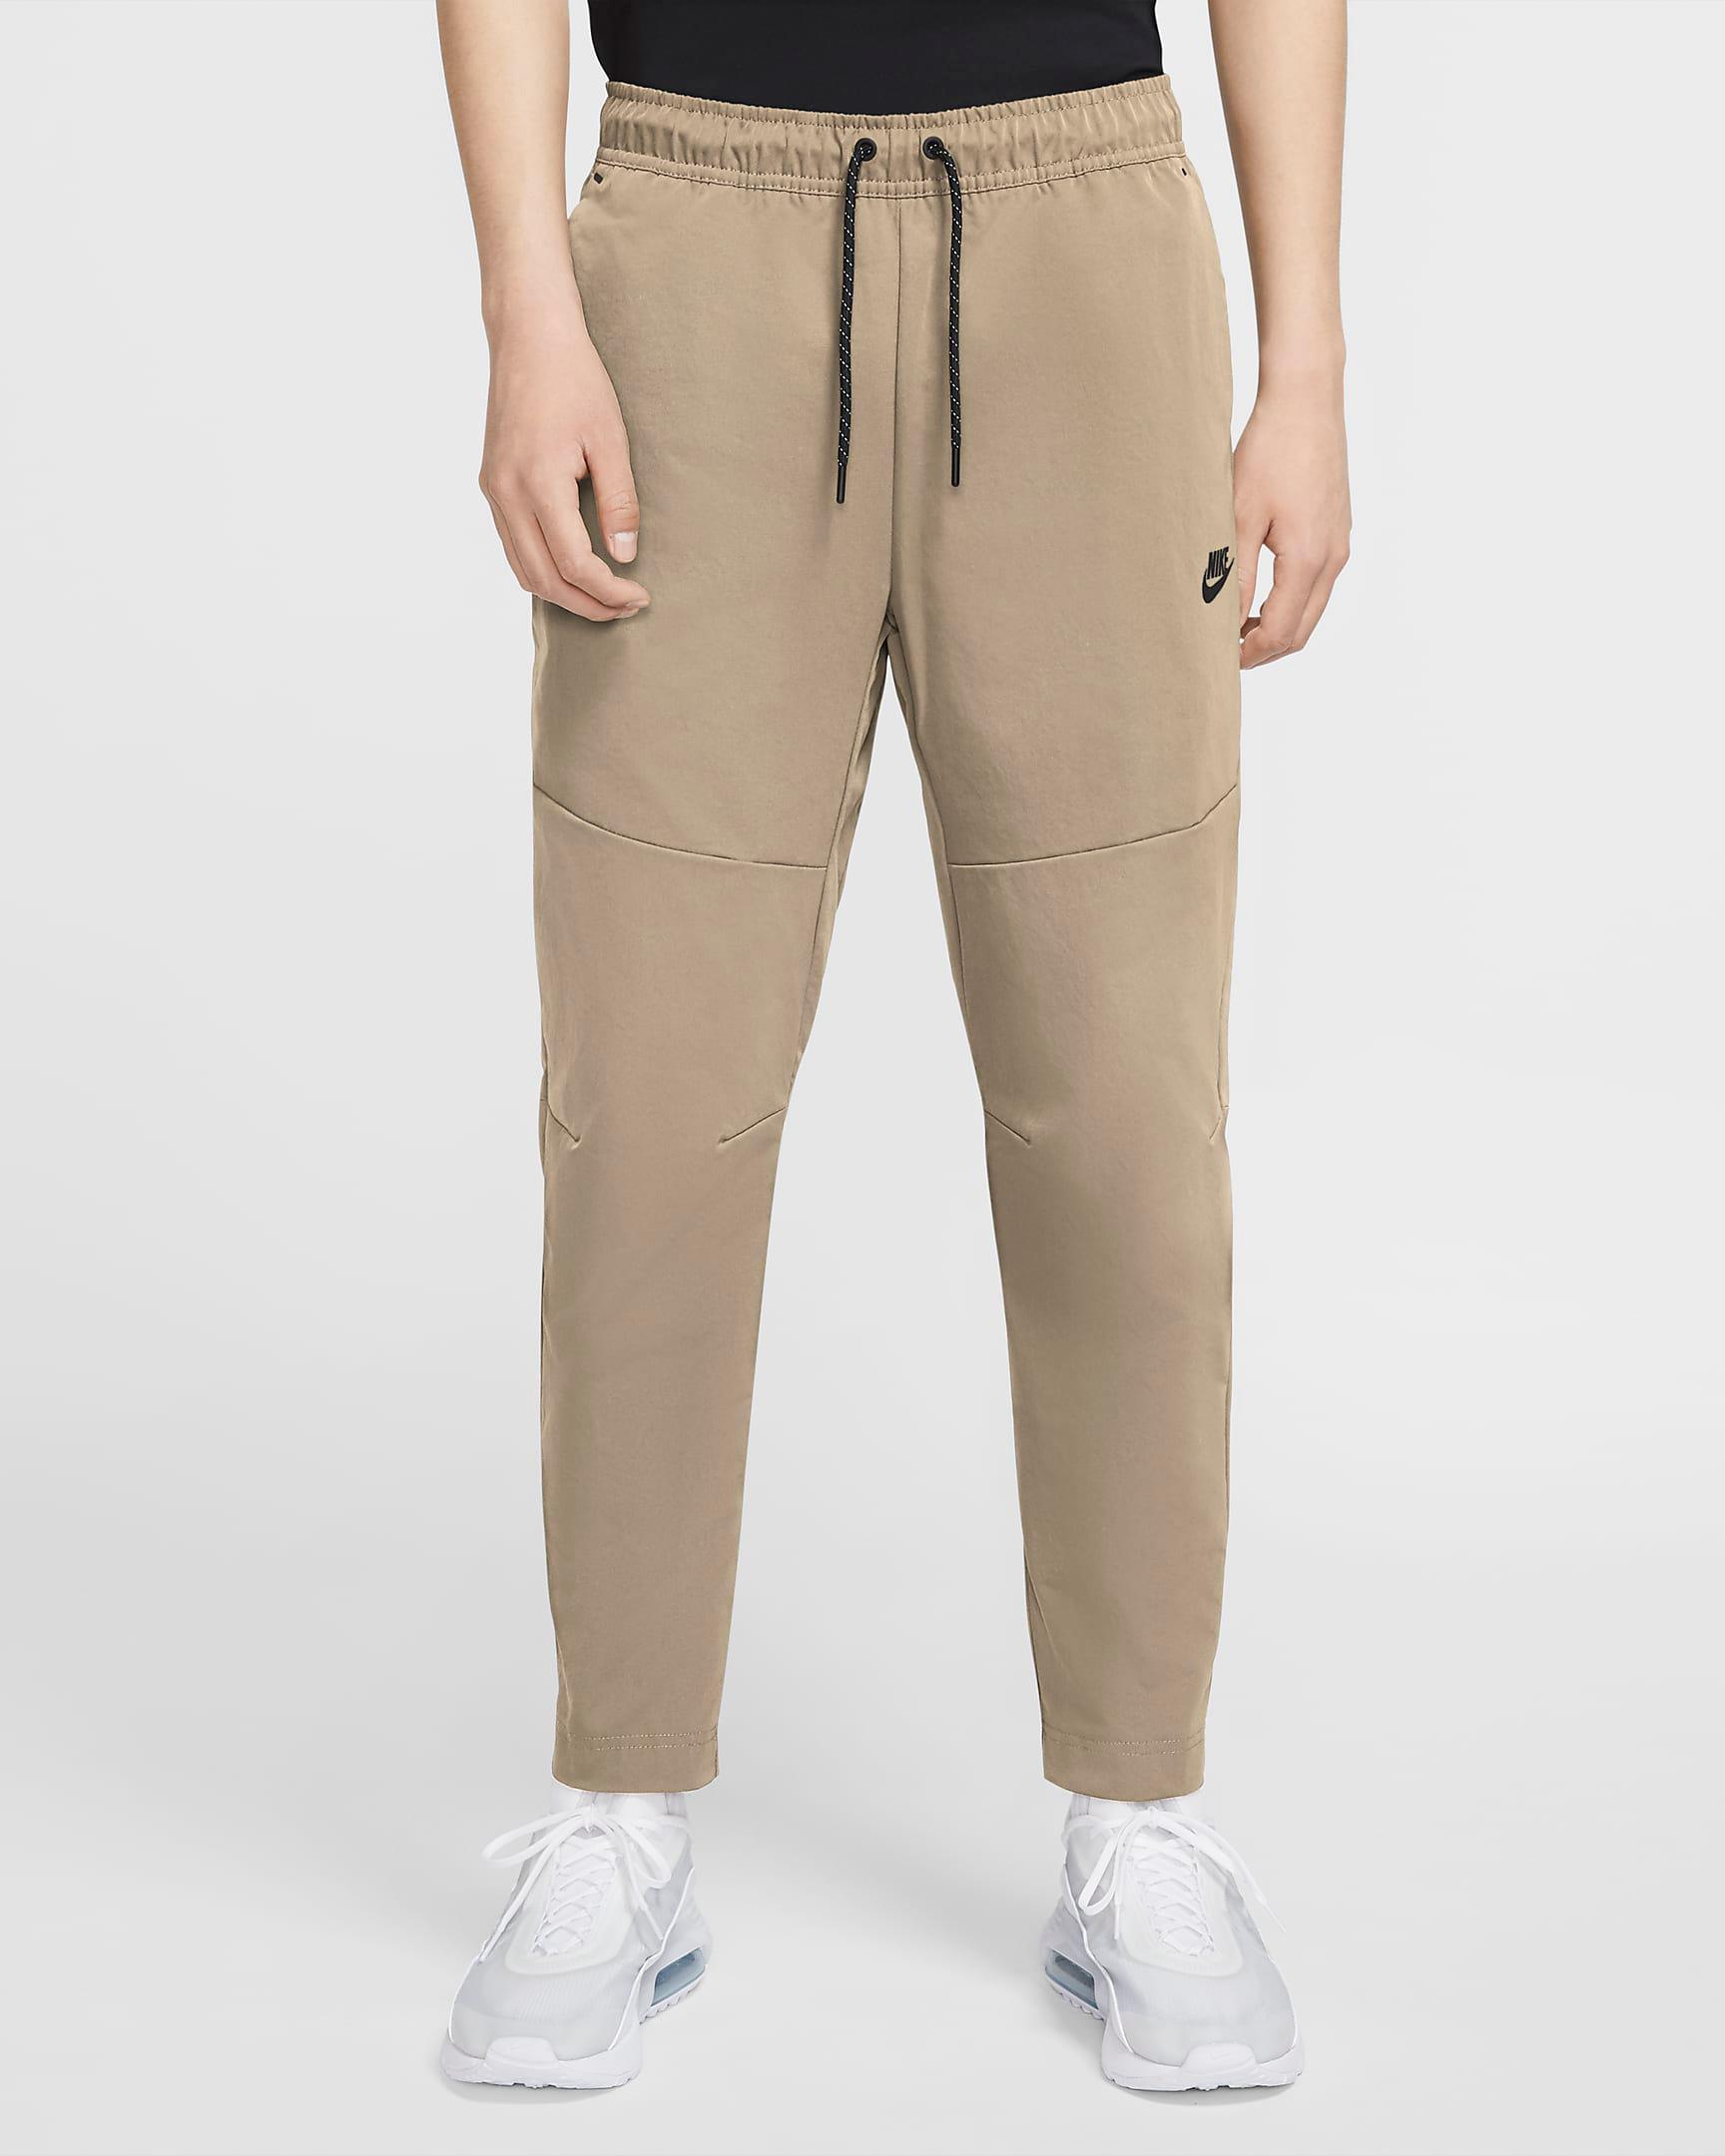 nike-sportswear-woven-pants-grain